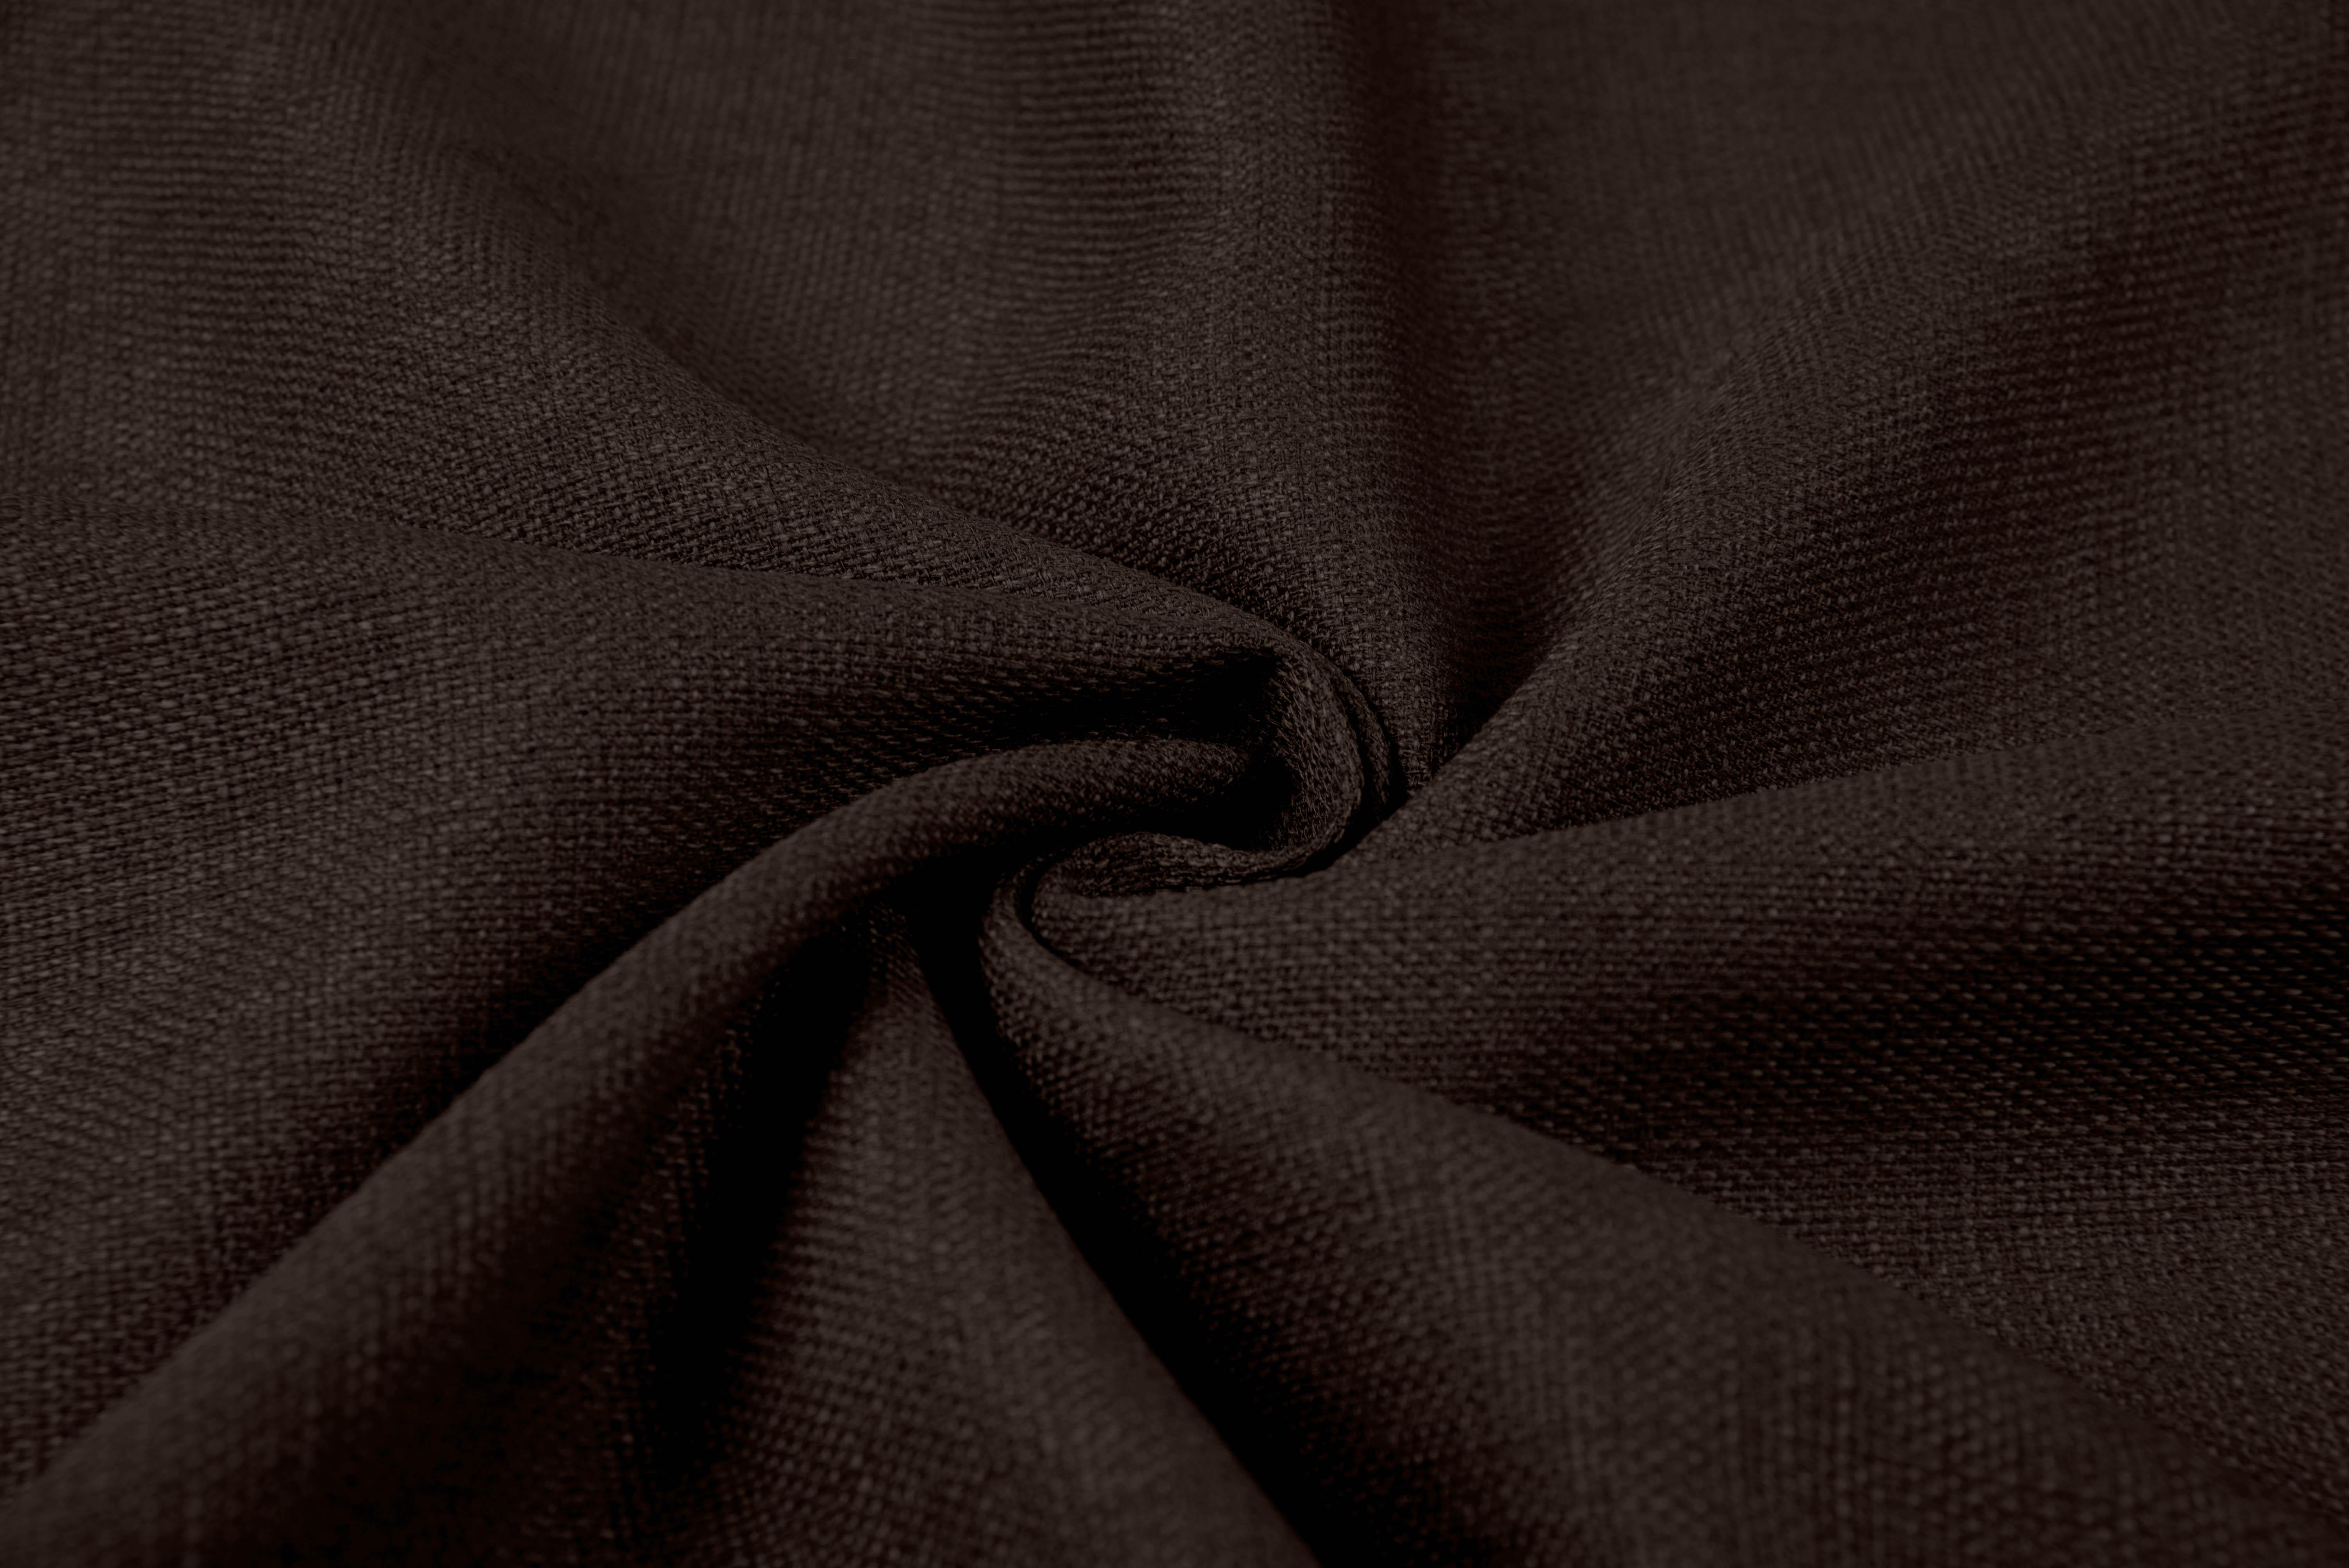 {} TexRepublic Материал Портьерная ткань Tough Цвет: Коричневый texrepublic материал портьерная ткань tough цвет зеленый